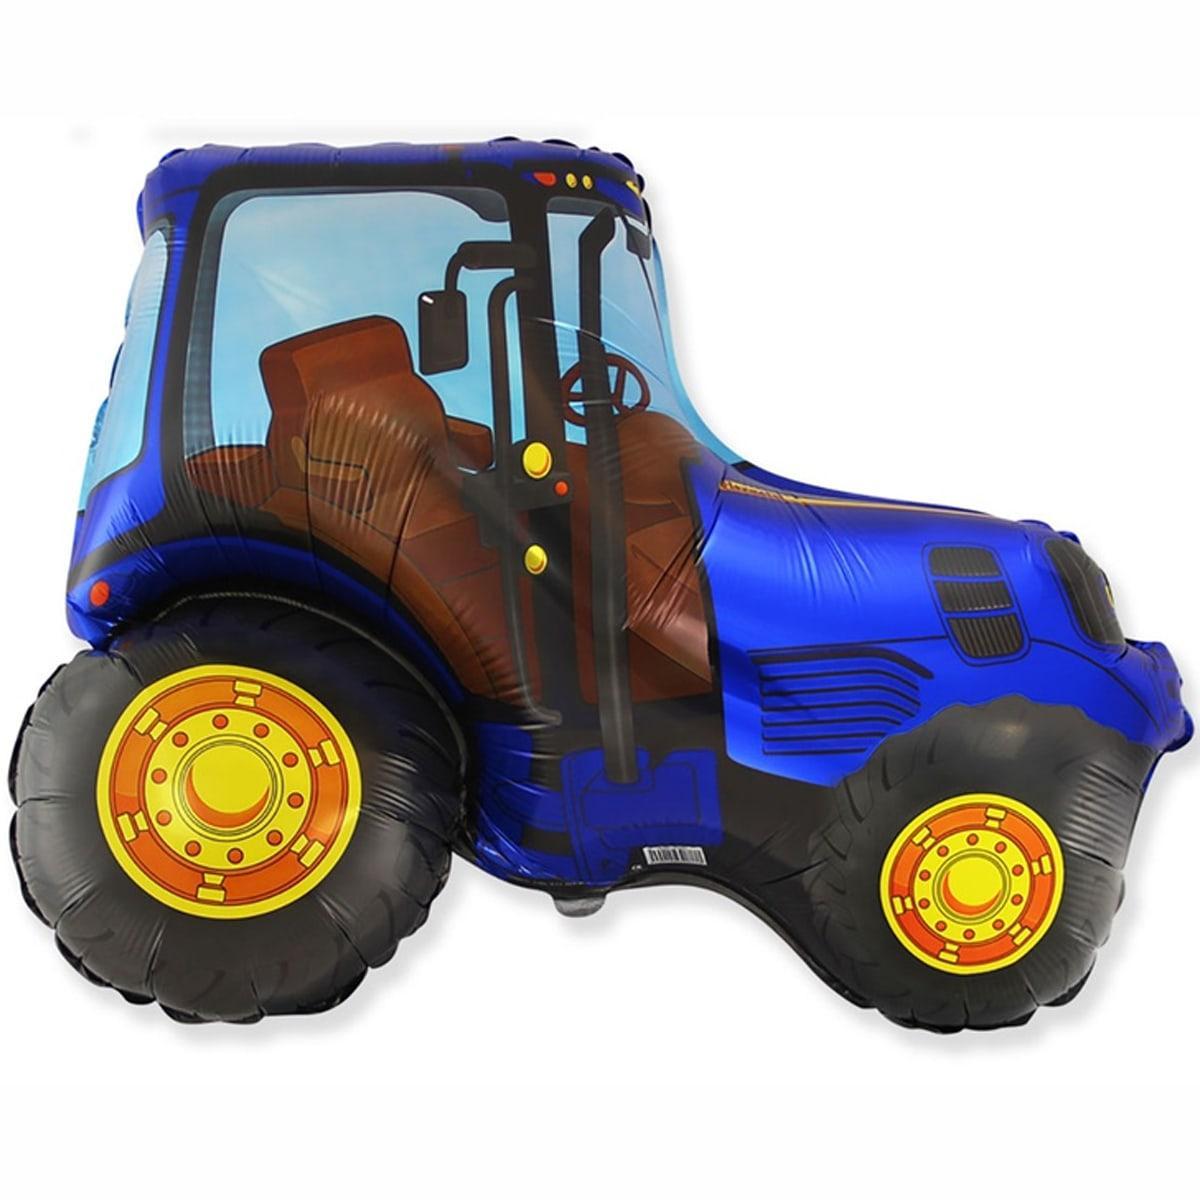 Фольгированный шар большая фигура Трактор синий 78х94см Flexmetal